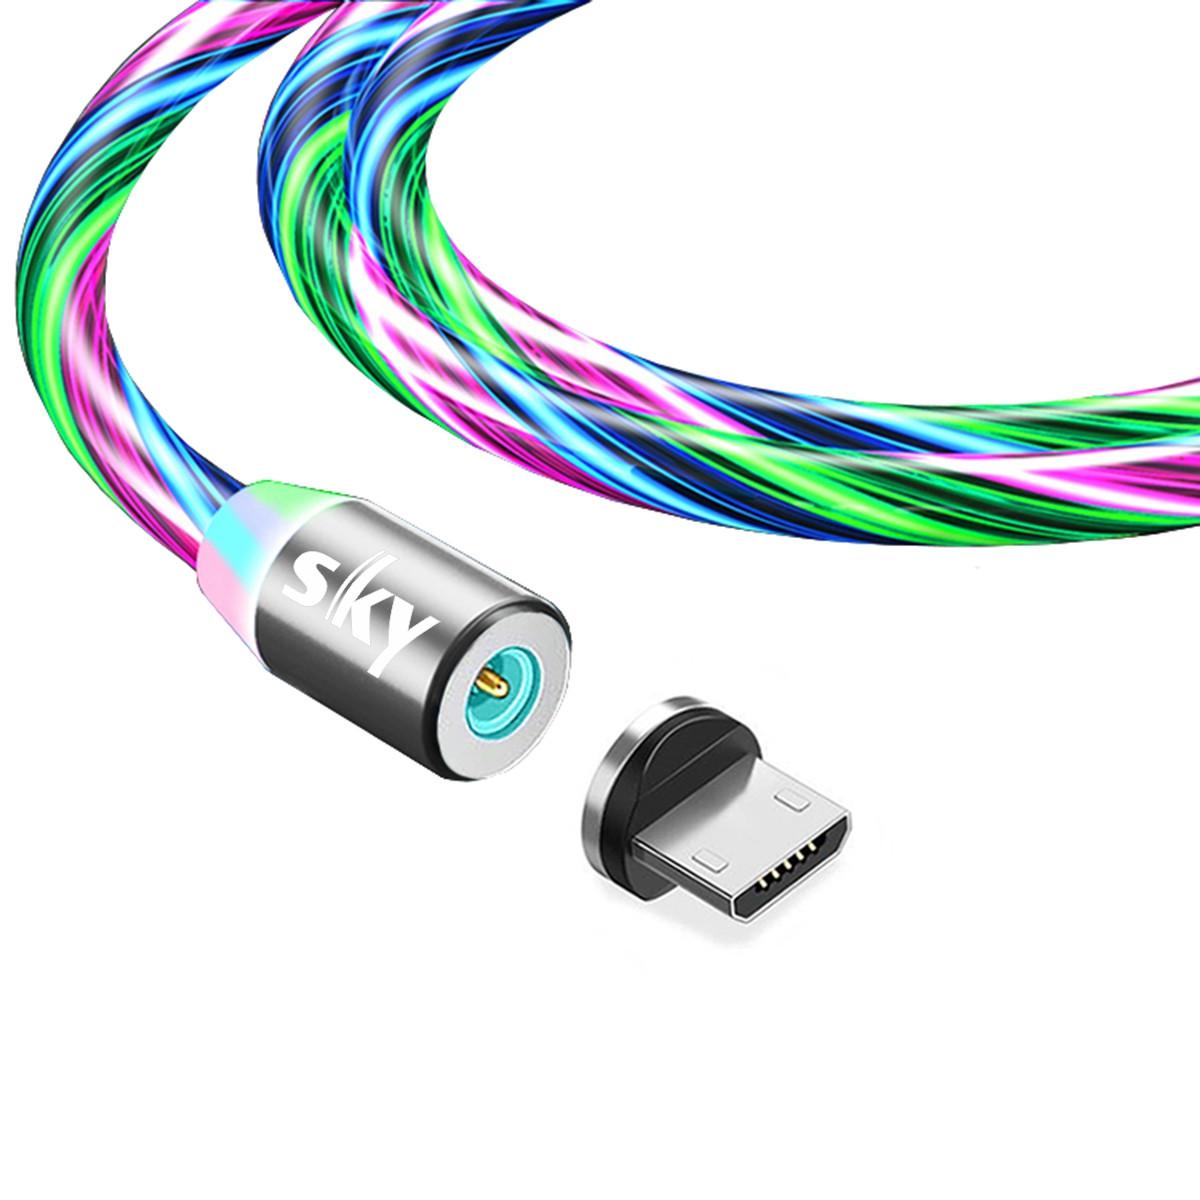 Магнитный кабель SKY micro USB (RZ) для зарядки (200 см) RGB